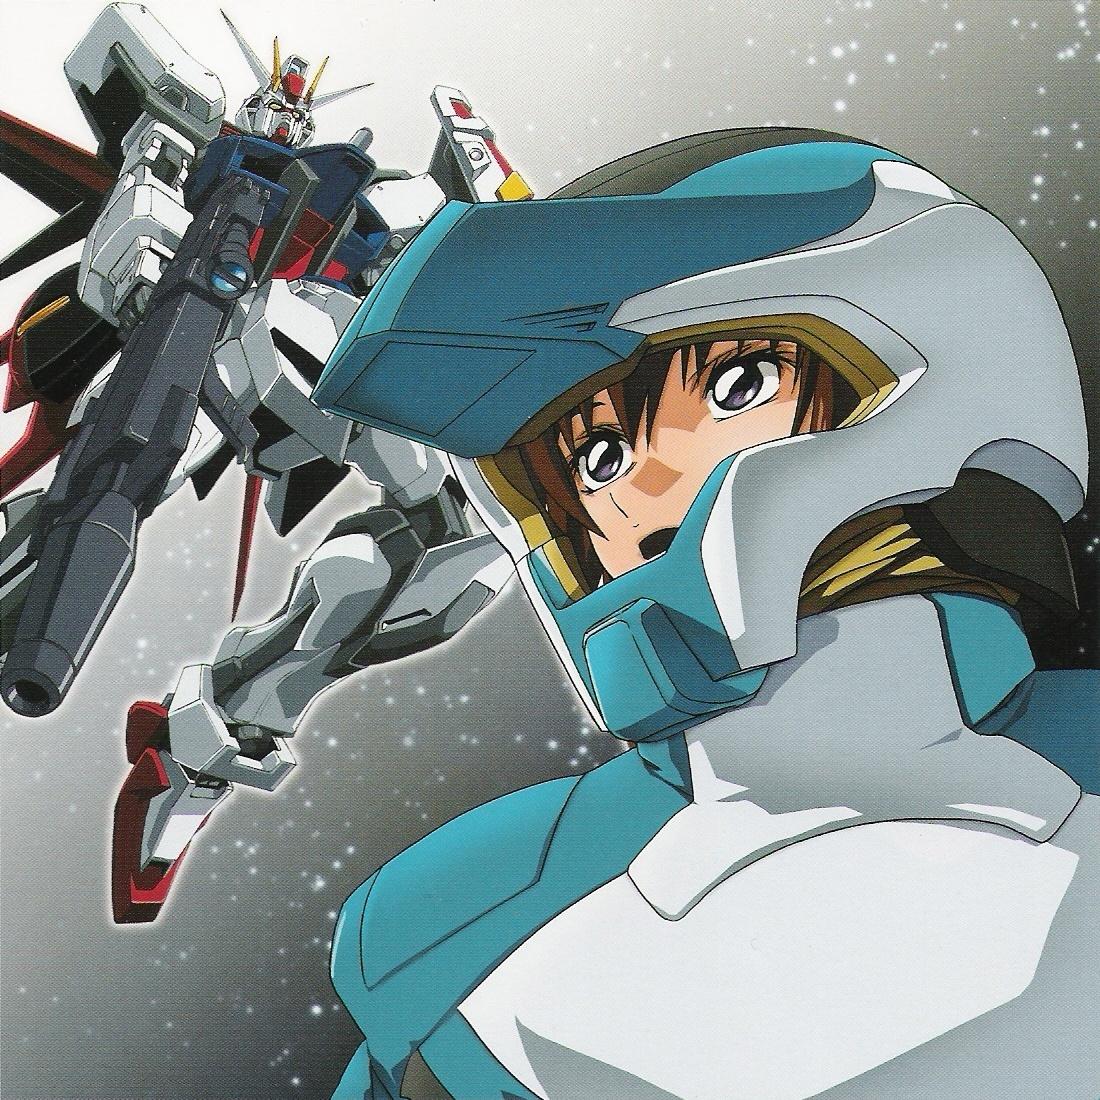 機動戦士ガンダムseed Destiny g seed 壁紙 キラ ヤマトとエールストライクガンダム